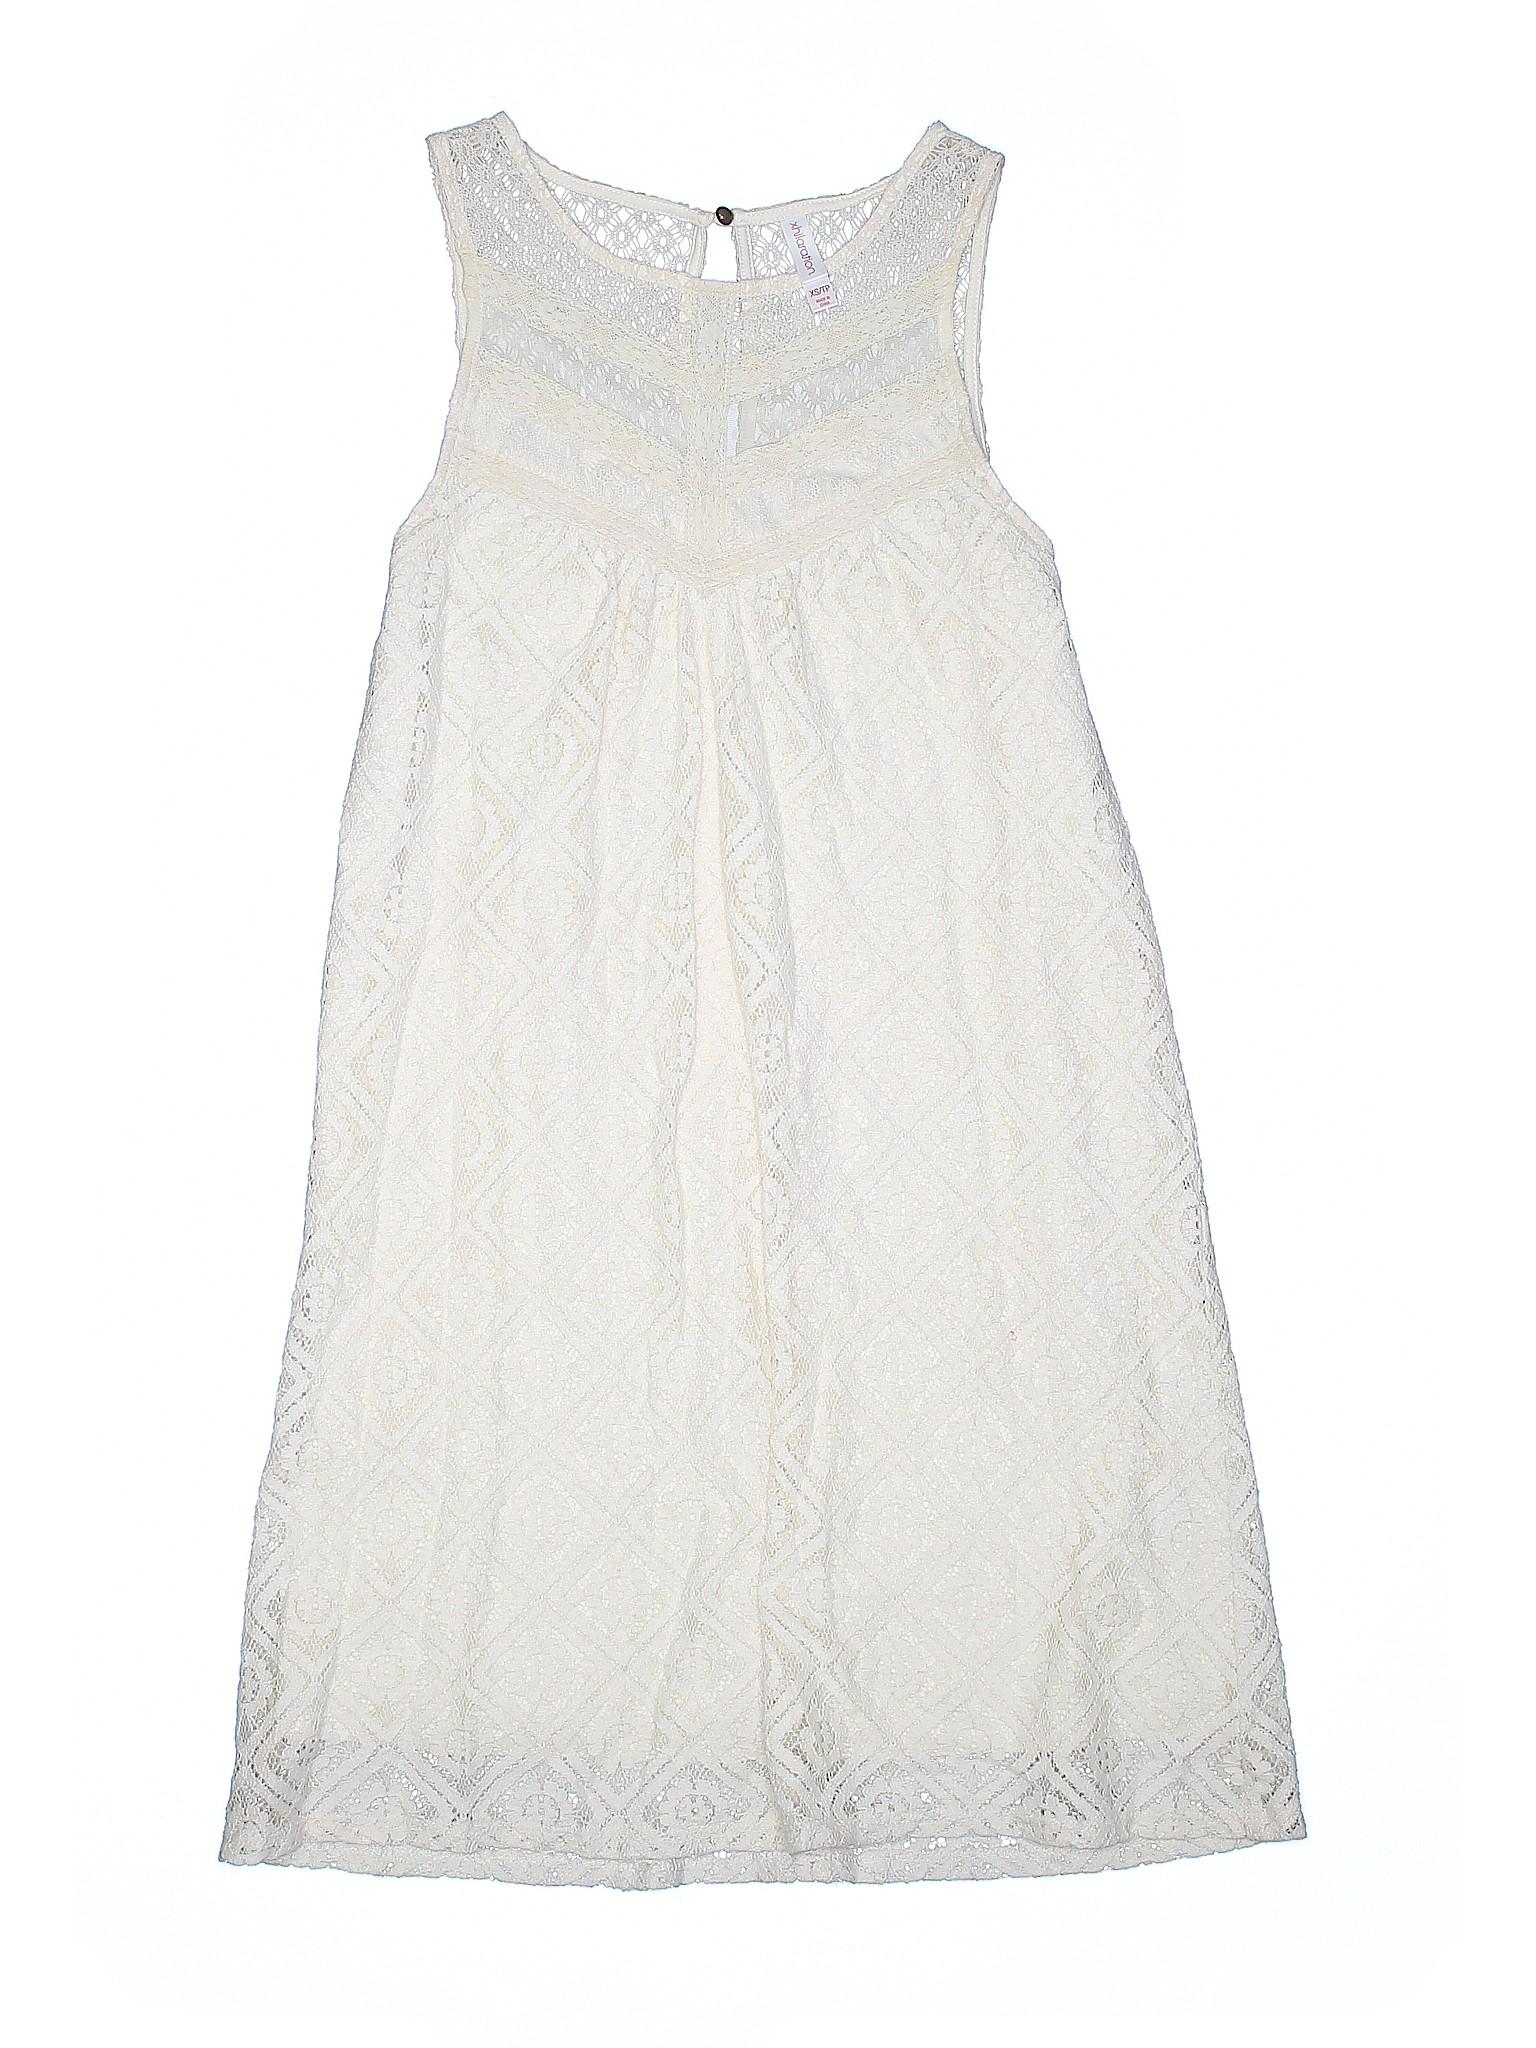 Casual Boutique winter Casual winter Xhilaration Dress Boutique Xhilaration Dress SXSrxa0q